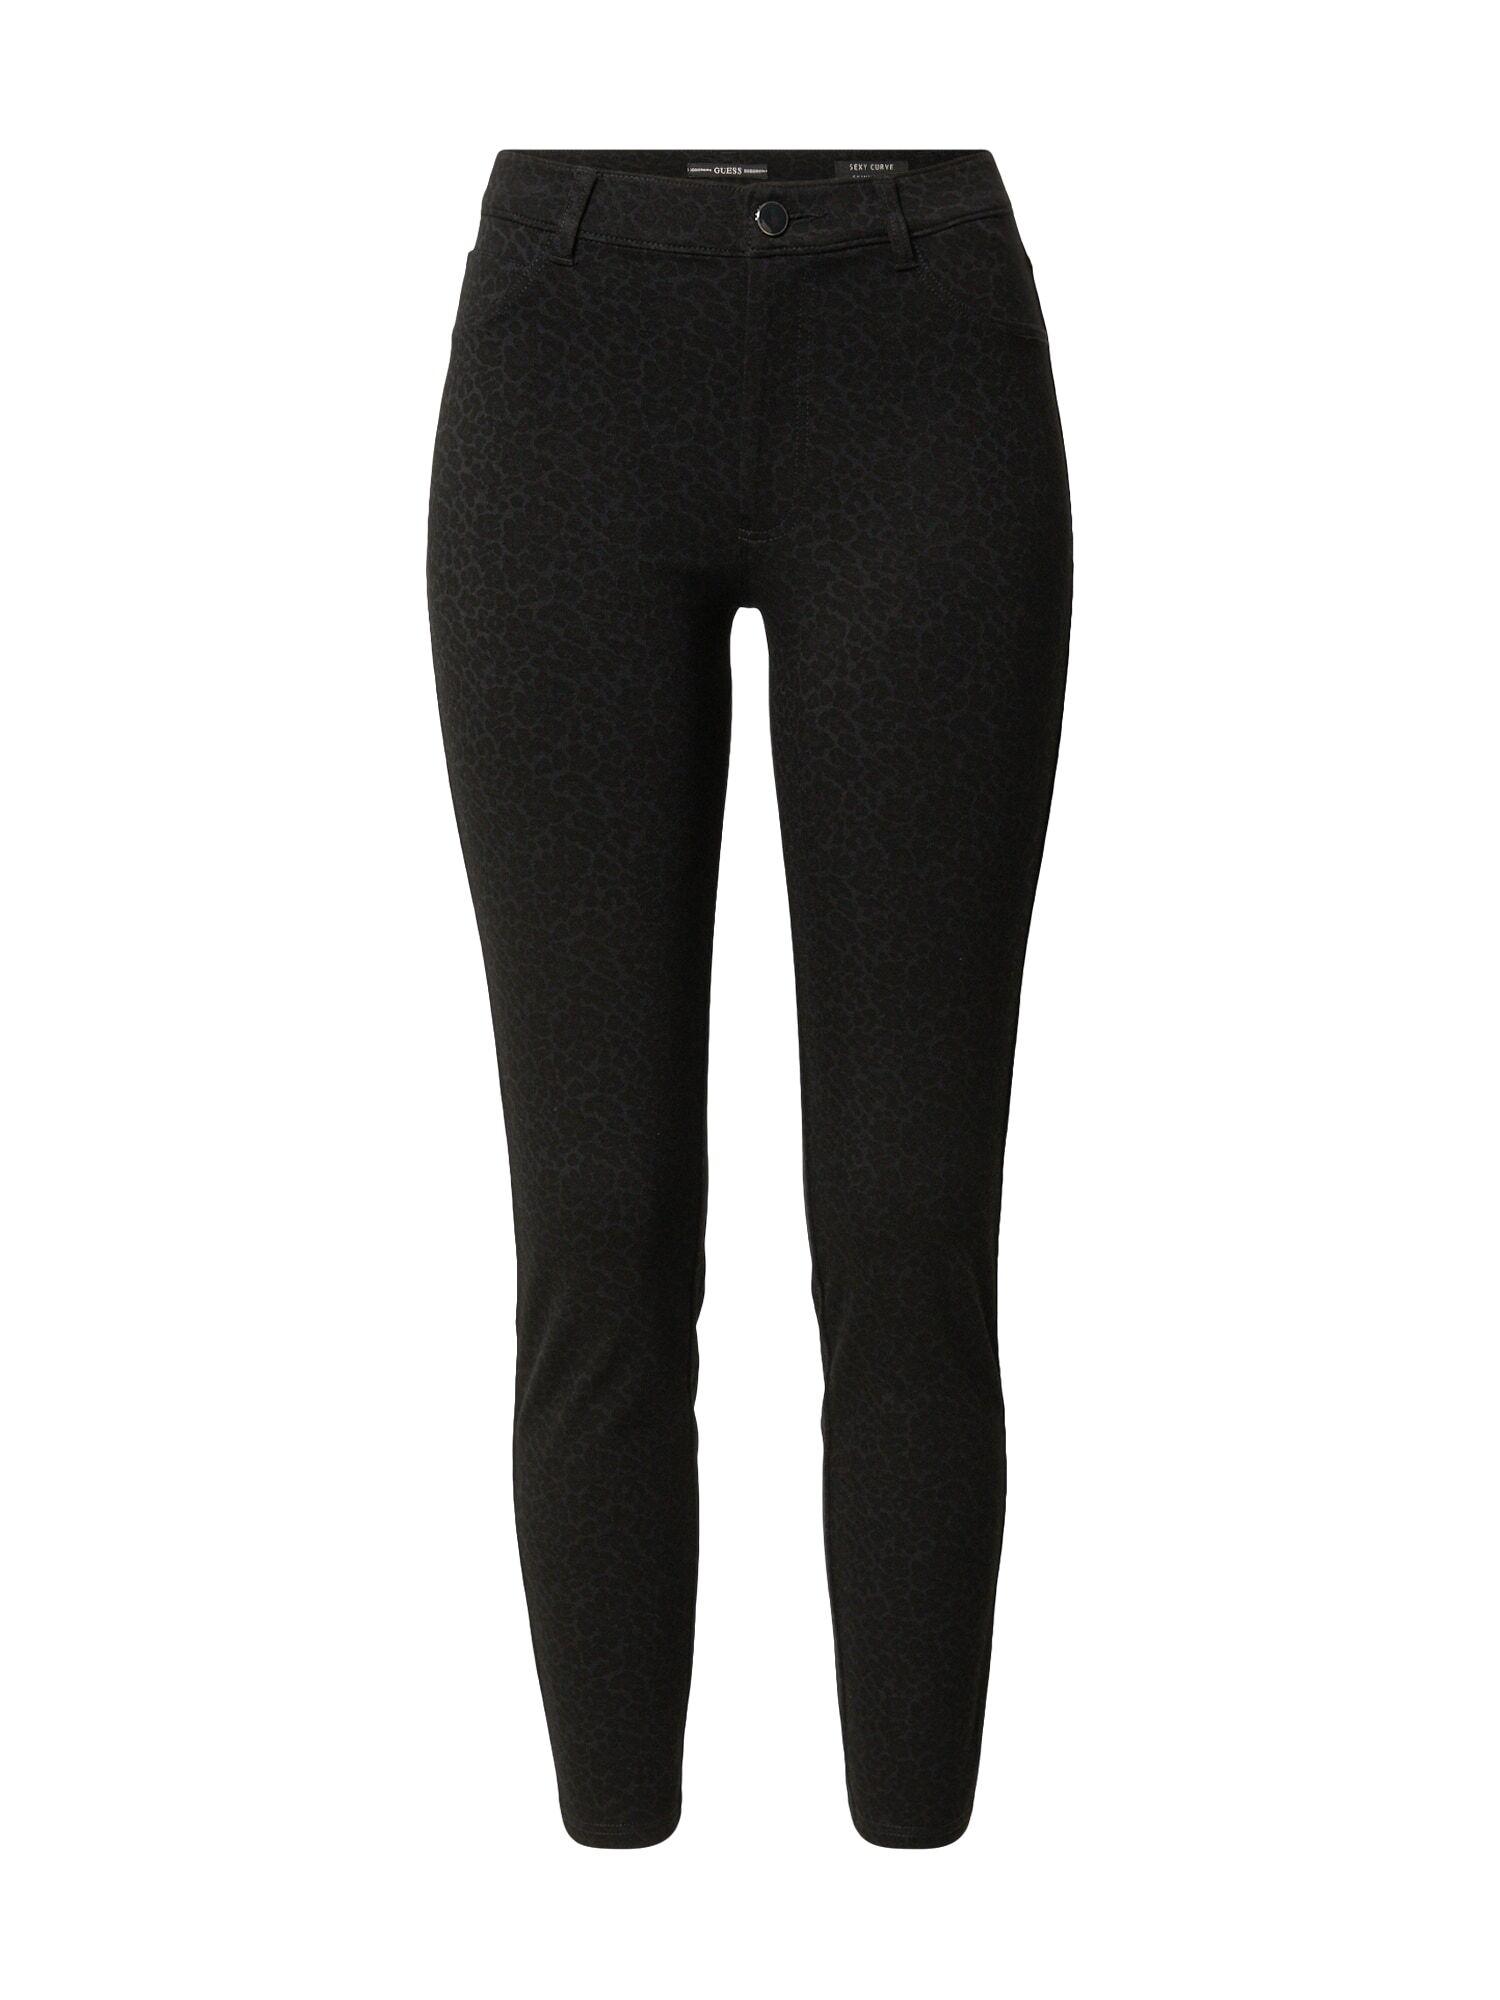 GUESS Pantalon 'SEXY CURVE'  - Noir - Taille: 28 - female